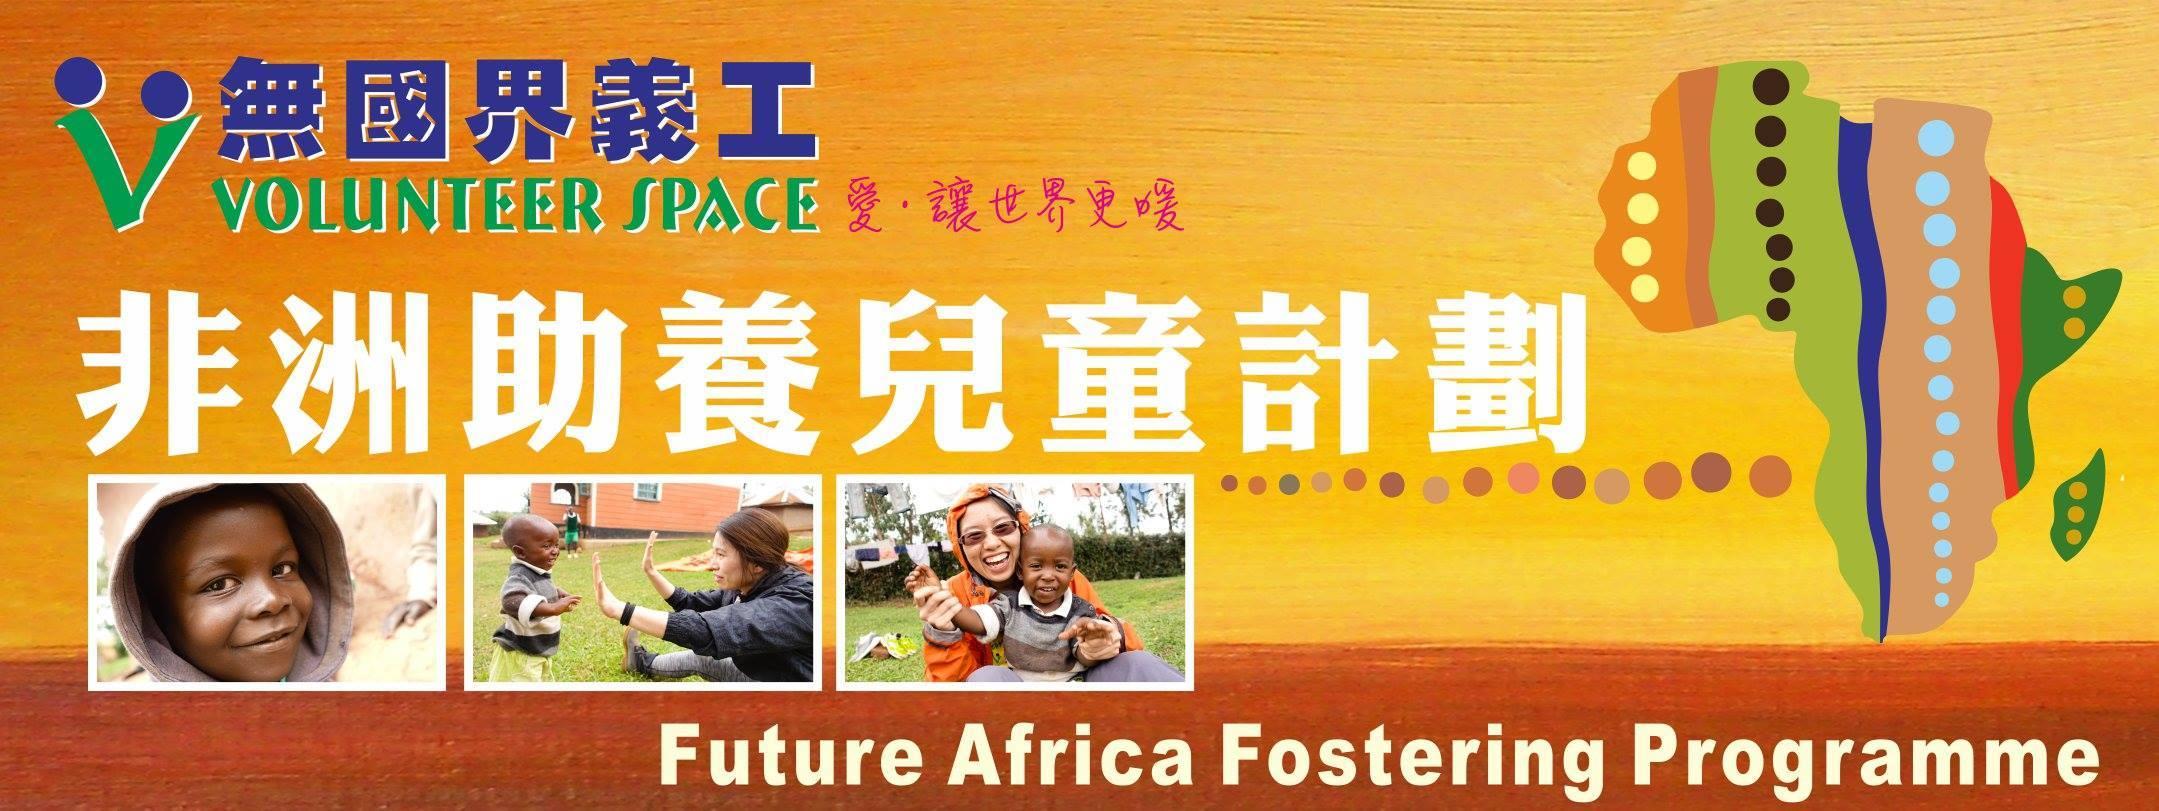 無國界義工.非洲助養兒童計劃